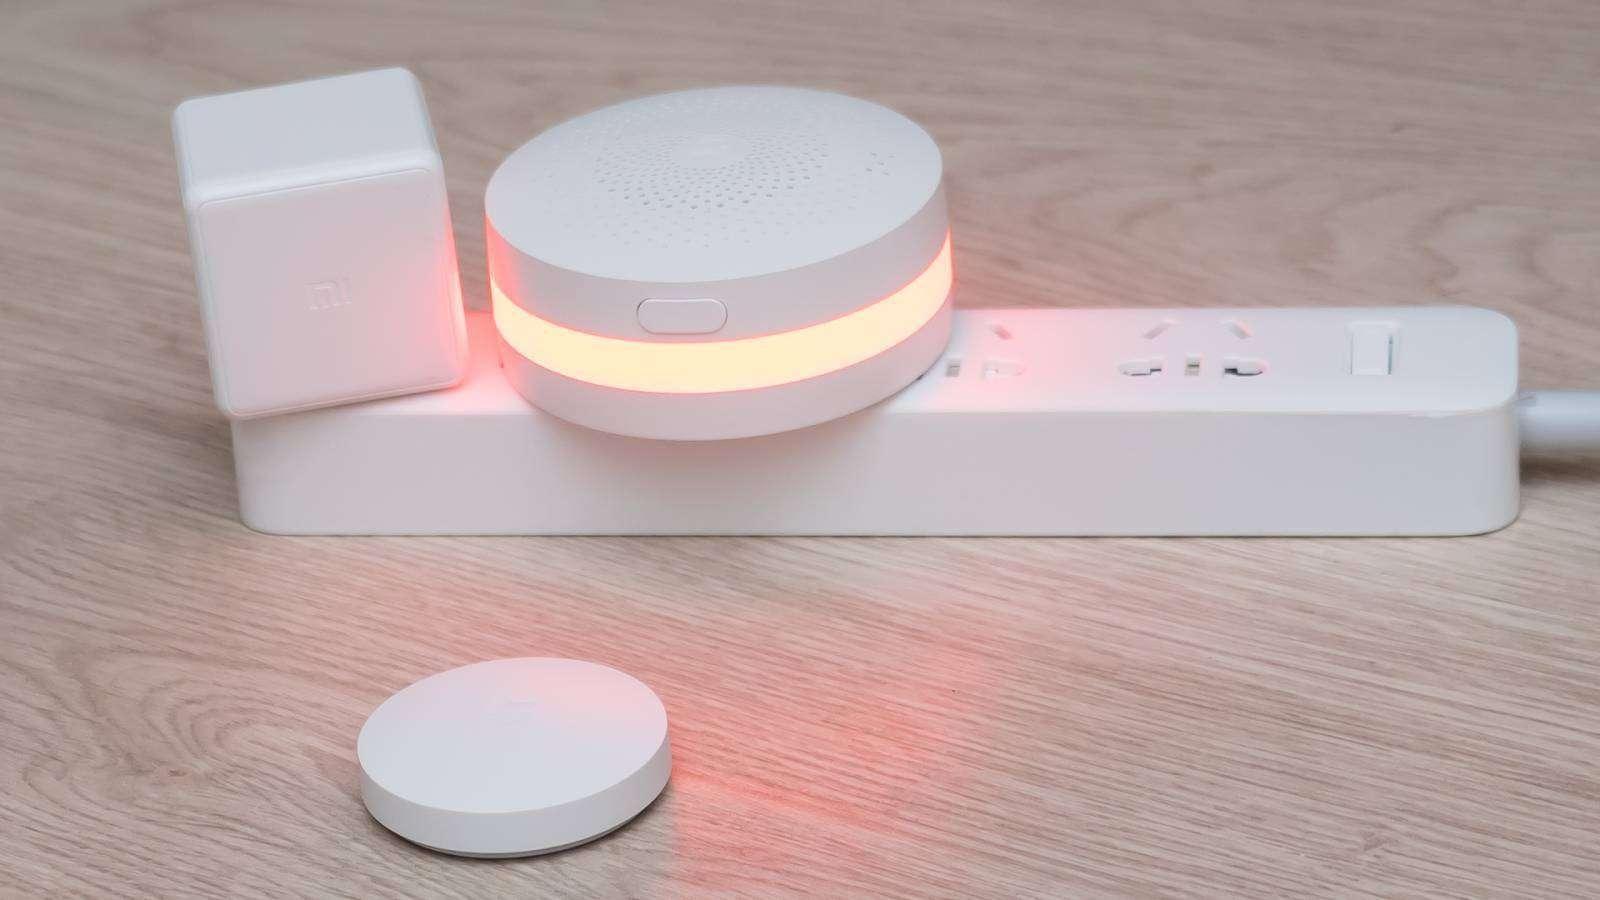 GearBest: Xiaomi Smart Wireless Switch - беспроводная кнопка для управления системой умный дом